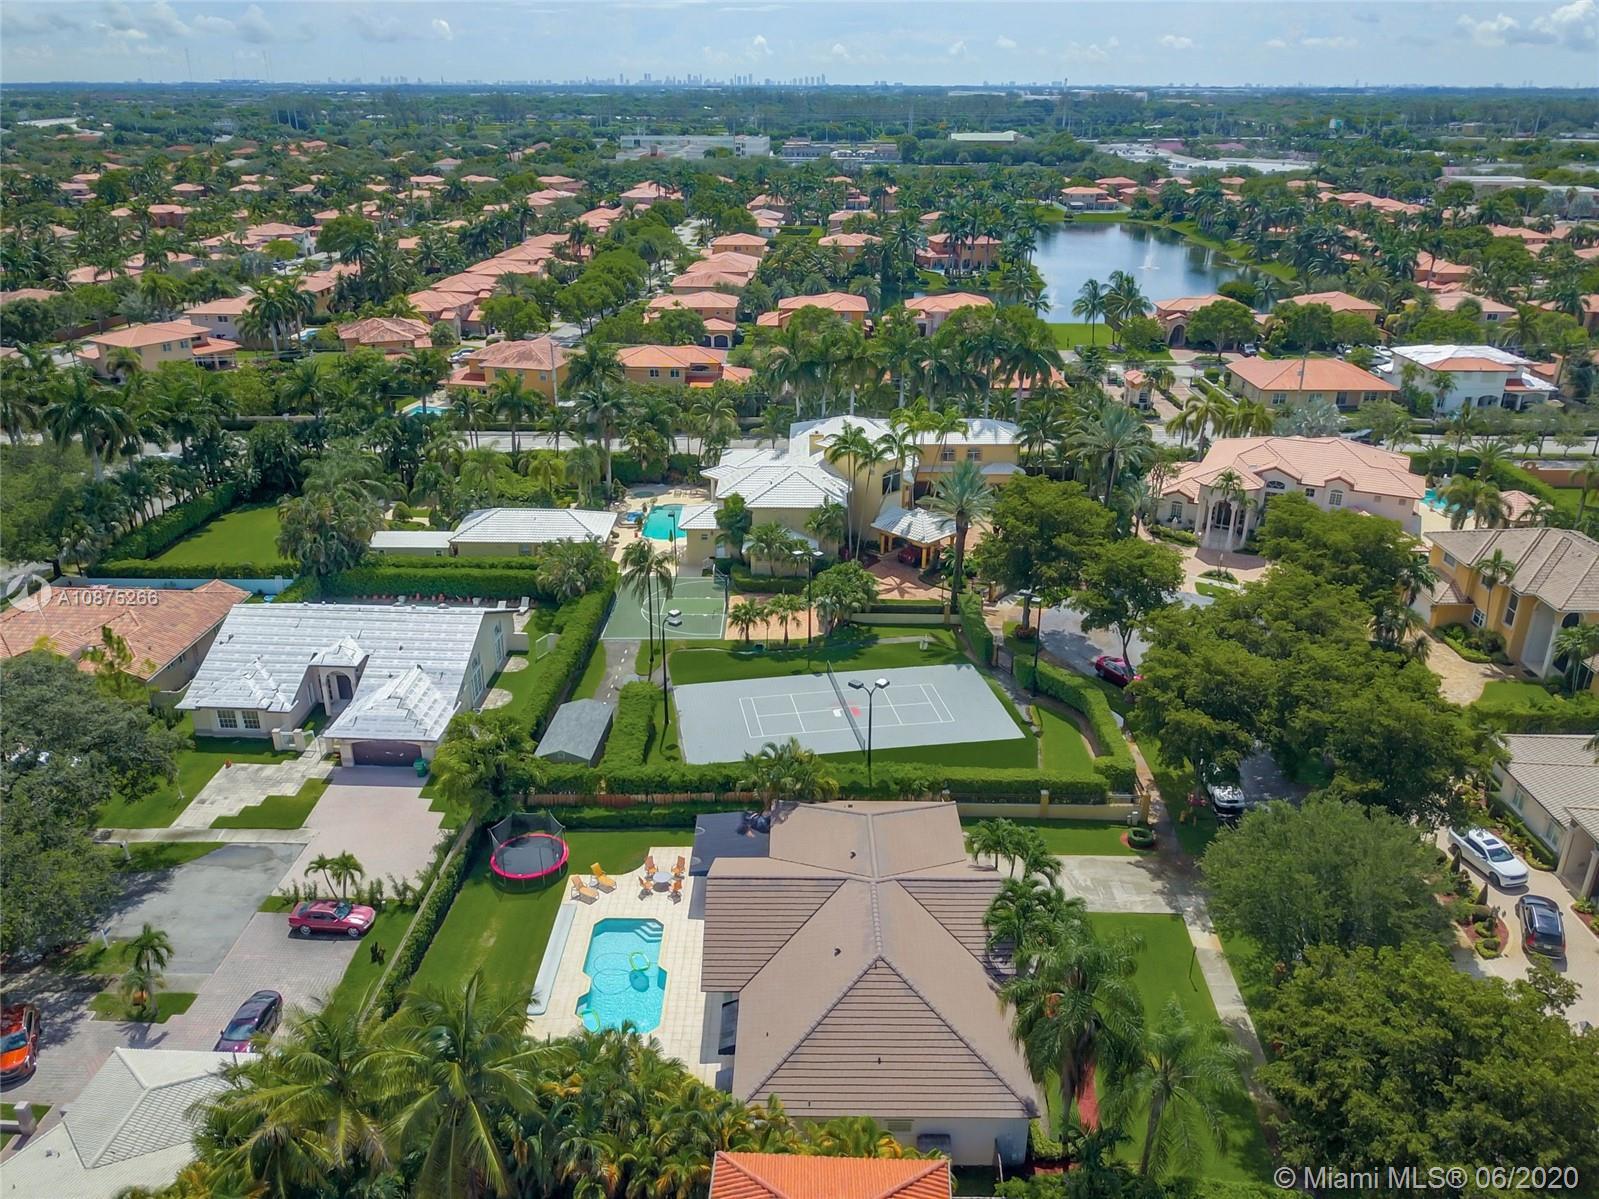 Miami Lakes # - 37 - photo